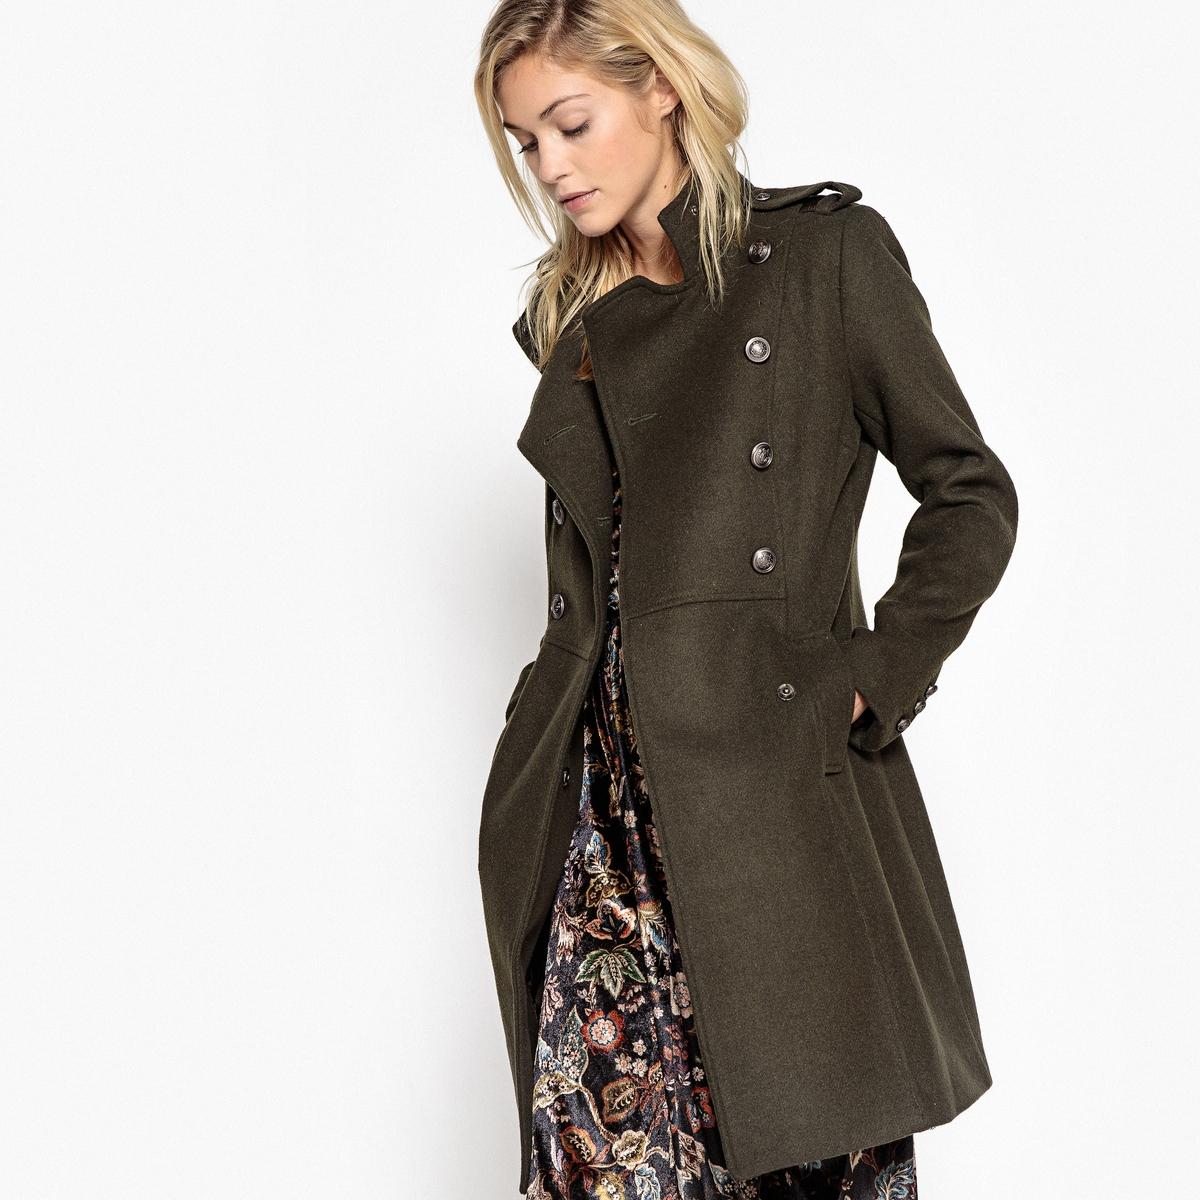 Пальто длинное в стиле милитари, 55% шерсти мужское пальто в стиле милитари